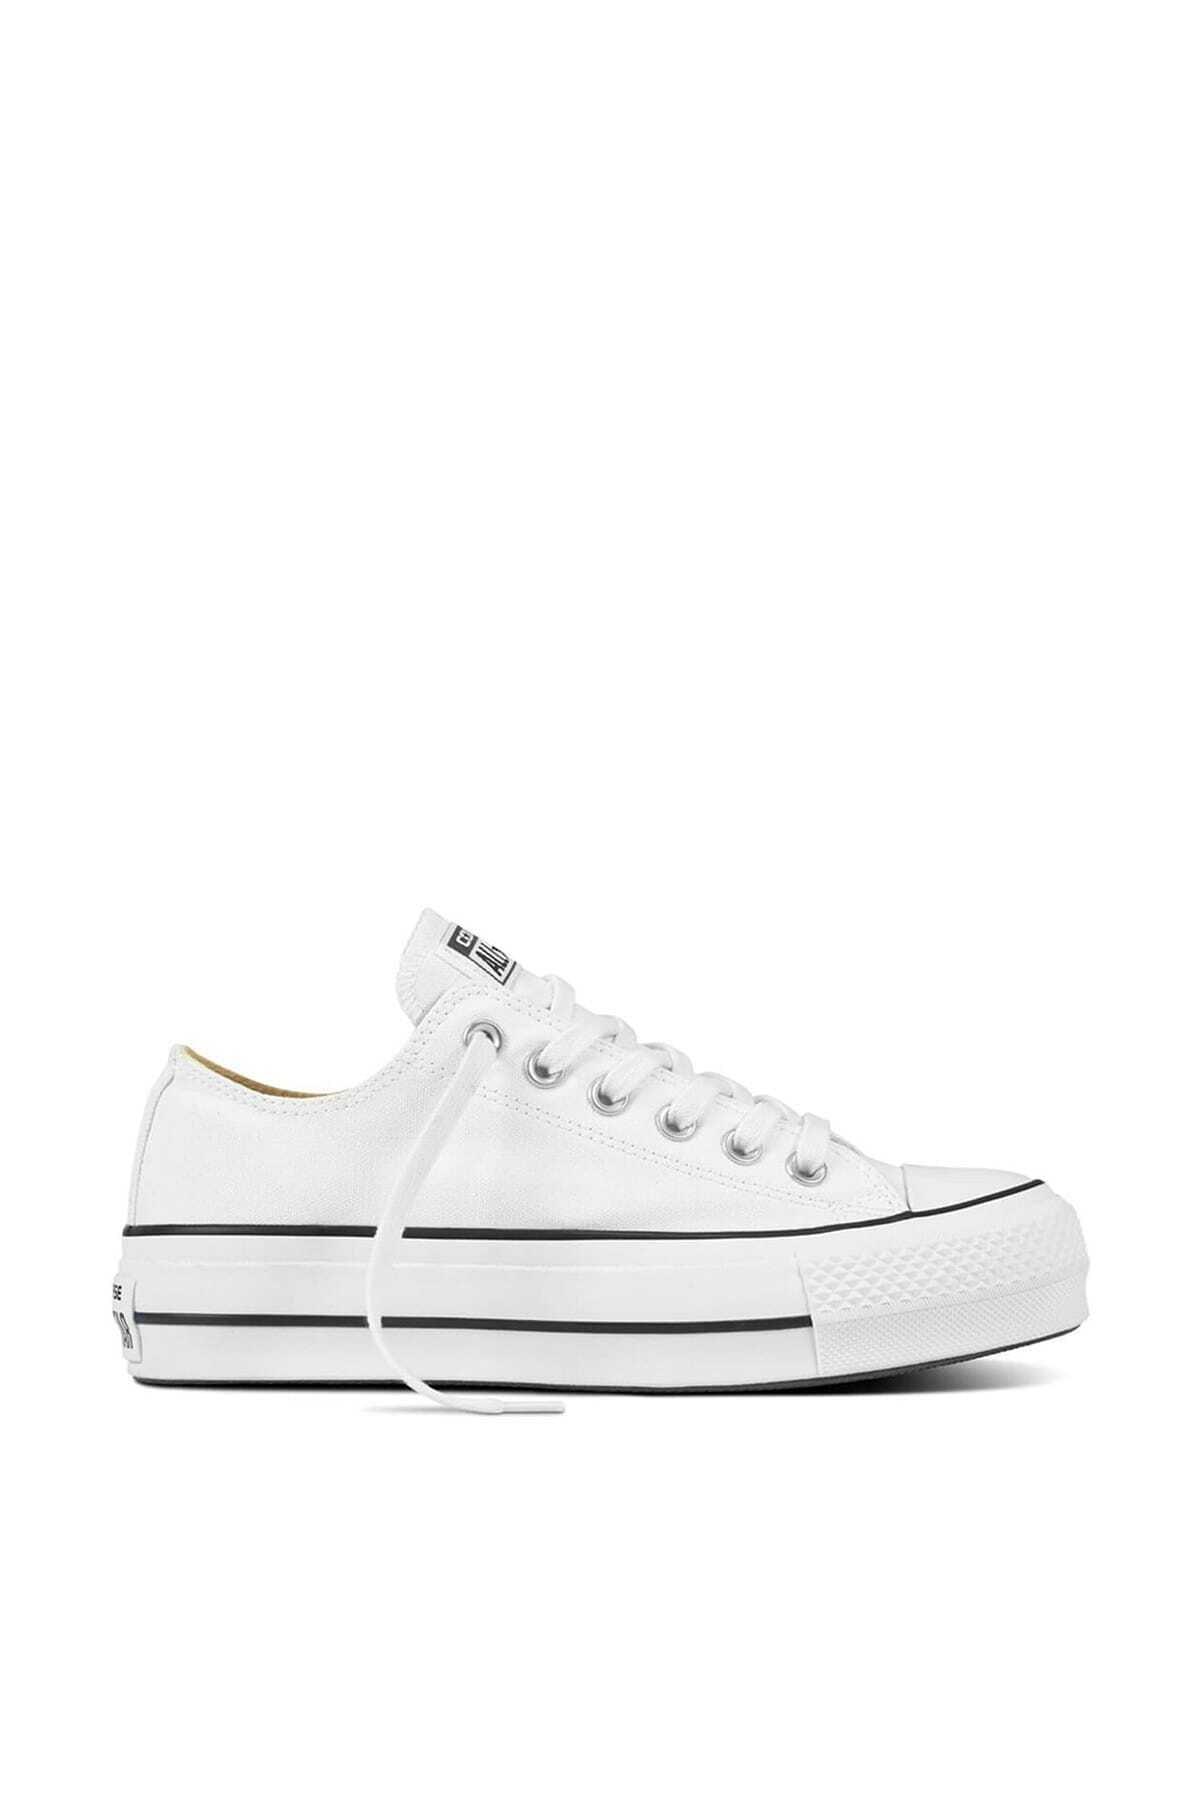 converse Chuck Taylor All Star Lift Sneaker Kadın Ayakkabı 560251C-102 1